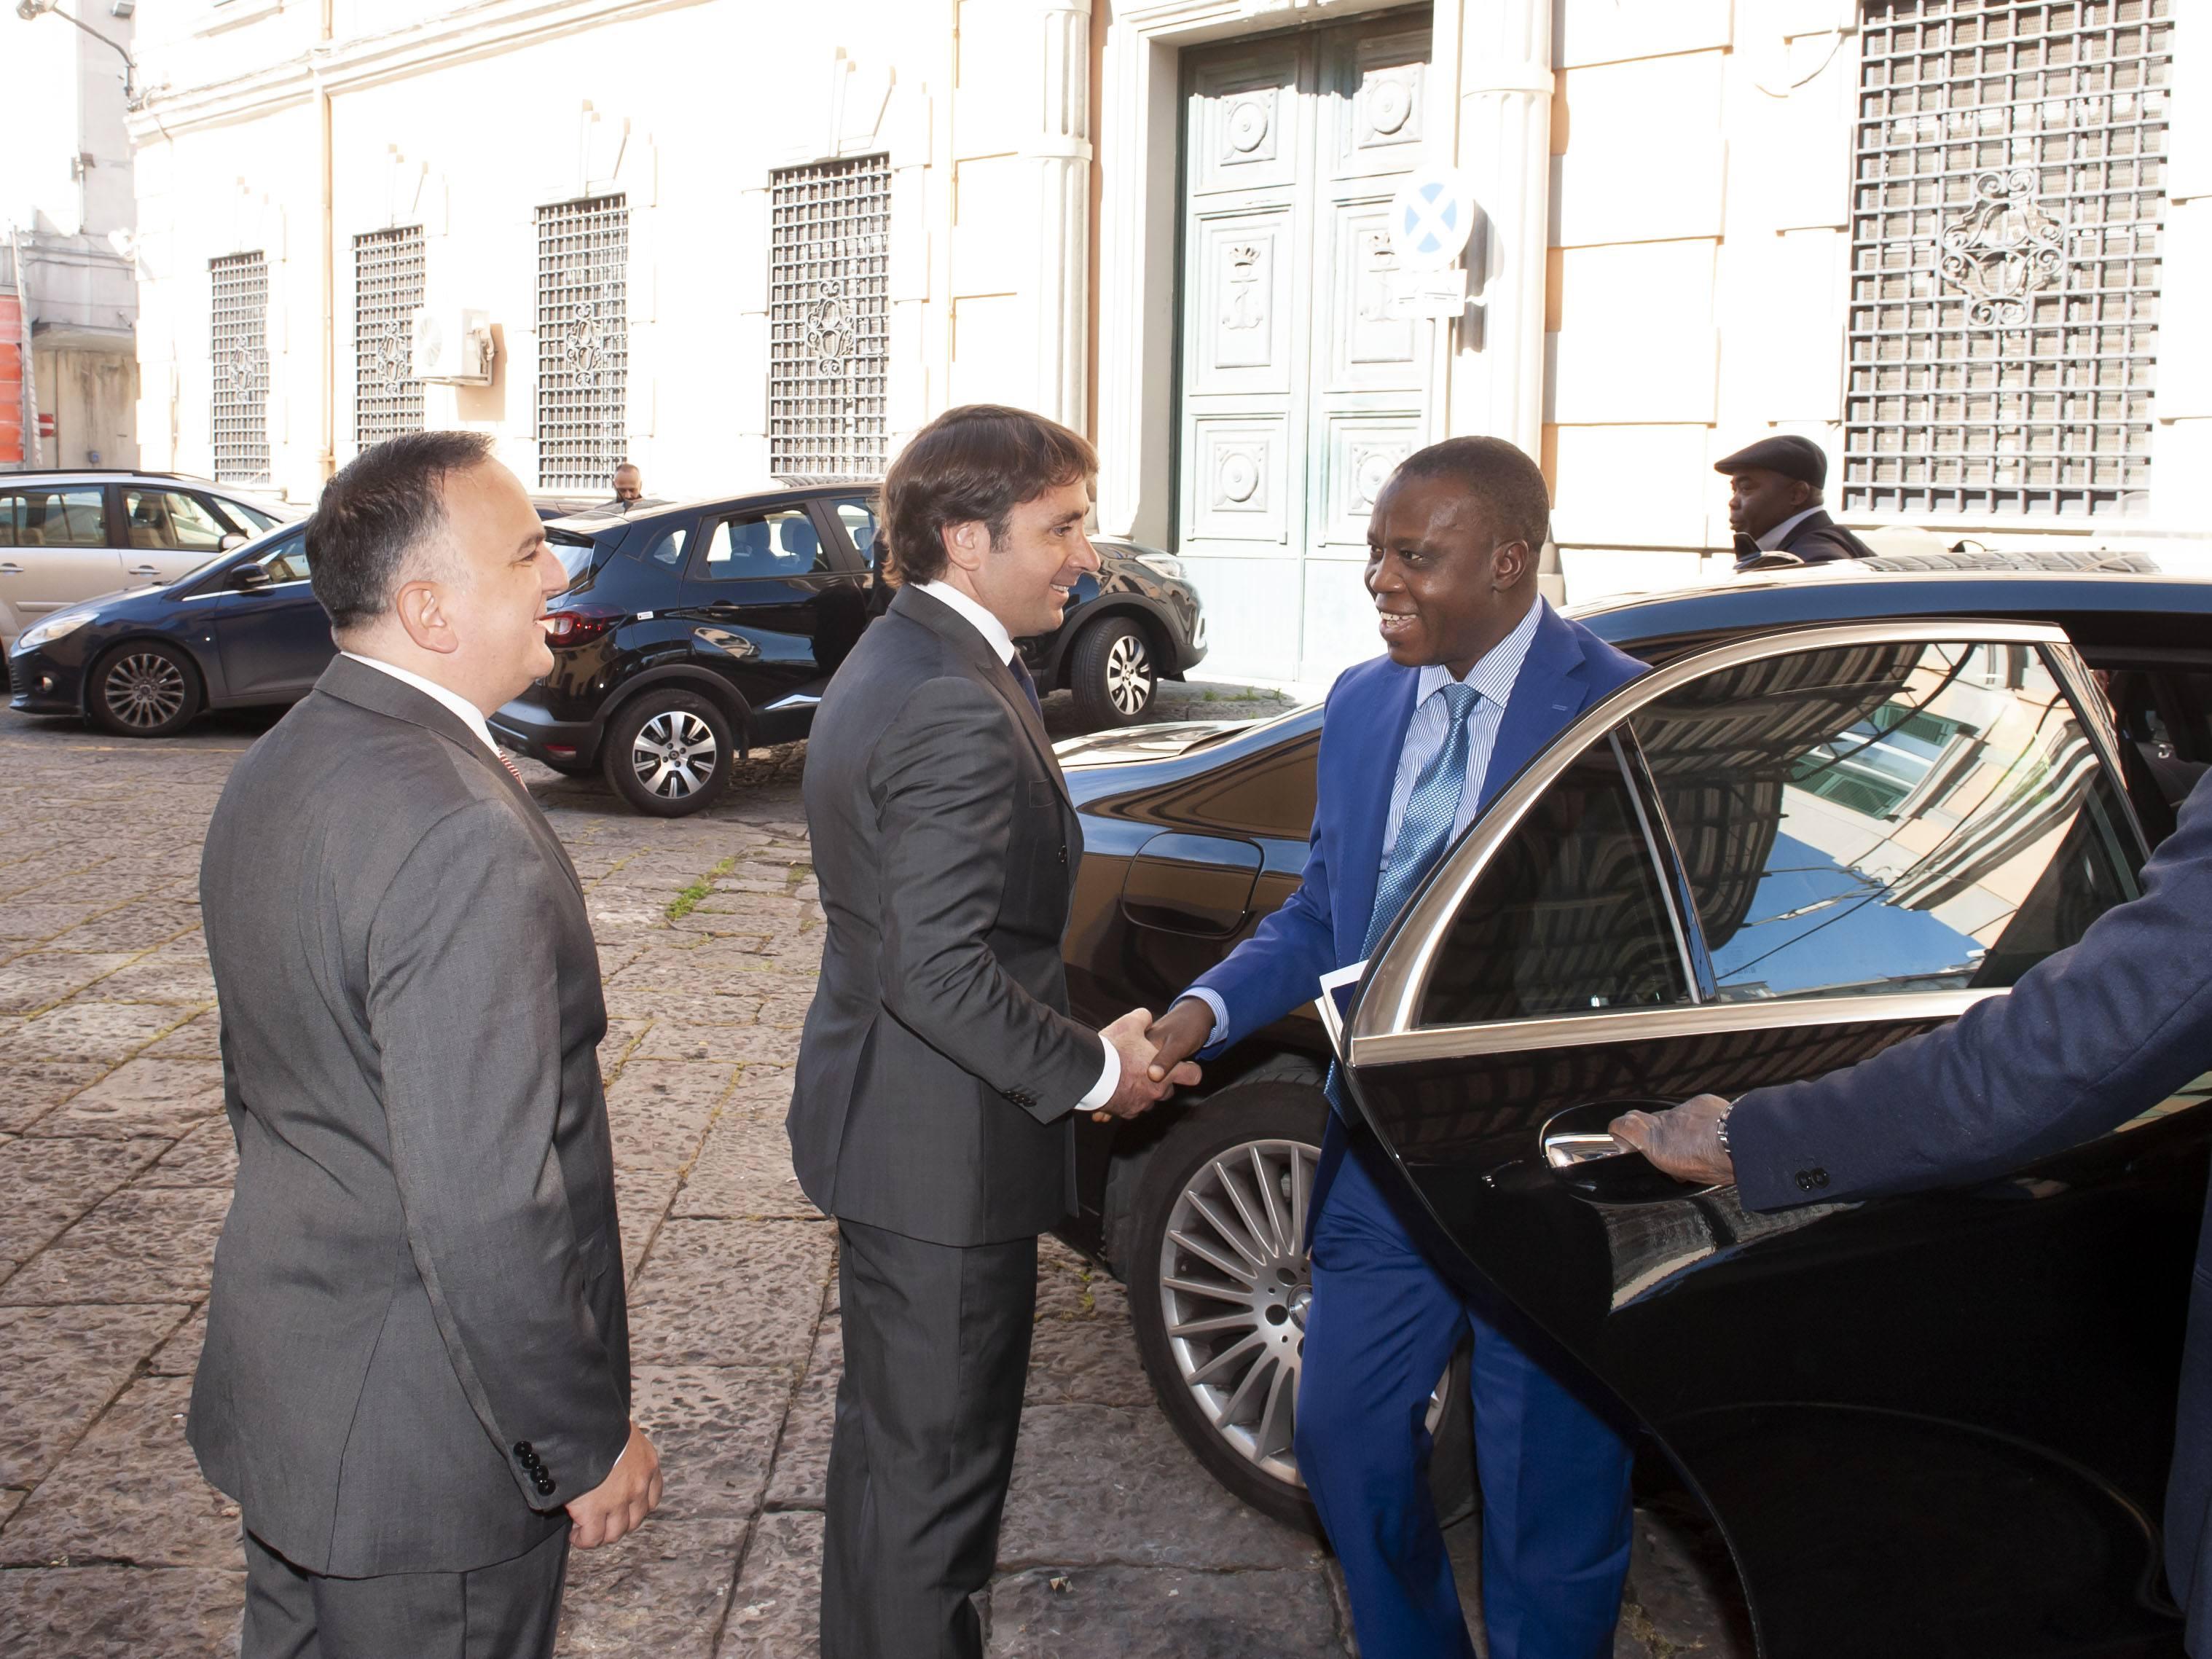 (Italiano) 17 maggio 2019, l'Ambasciatore Nigeriano ha visitato Eligroup per discutere di opportunità lavorative.